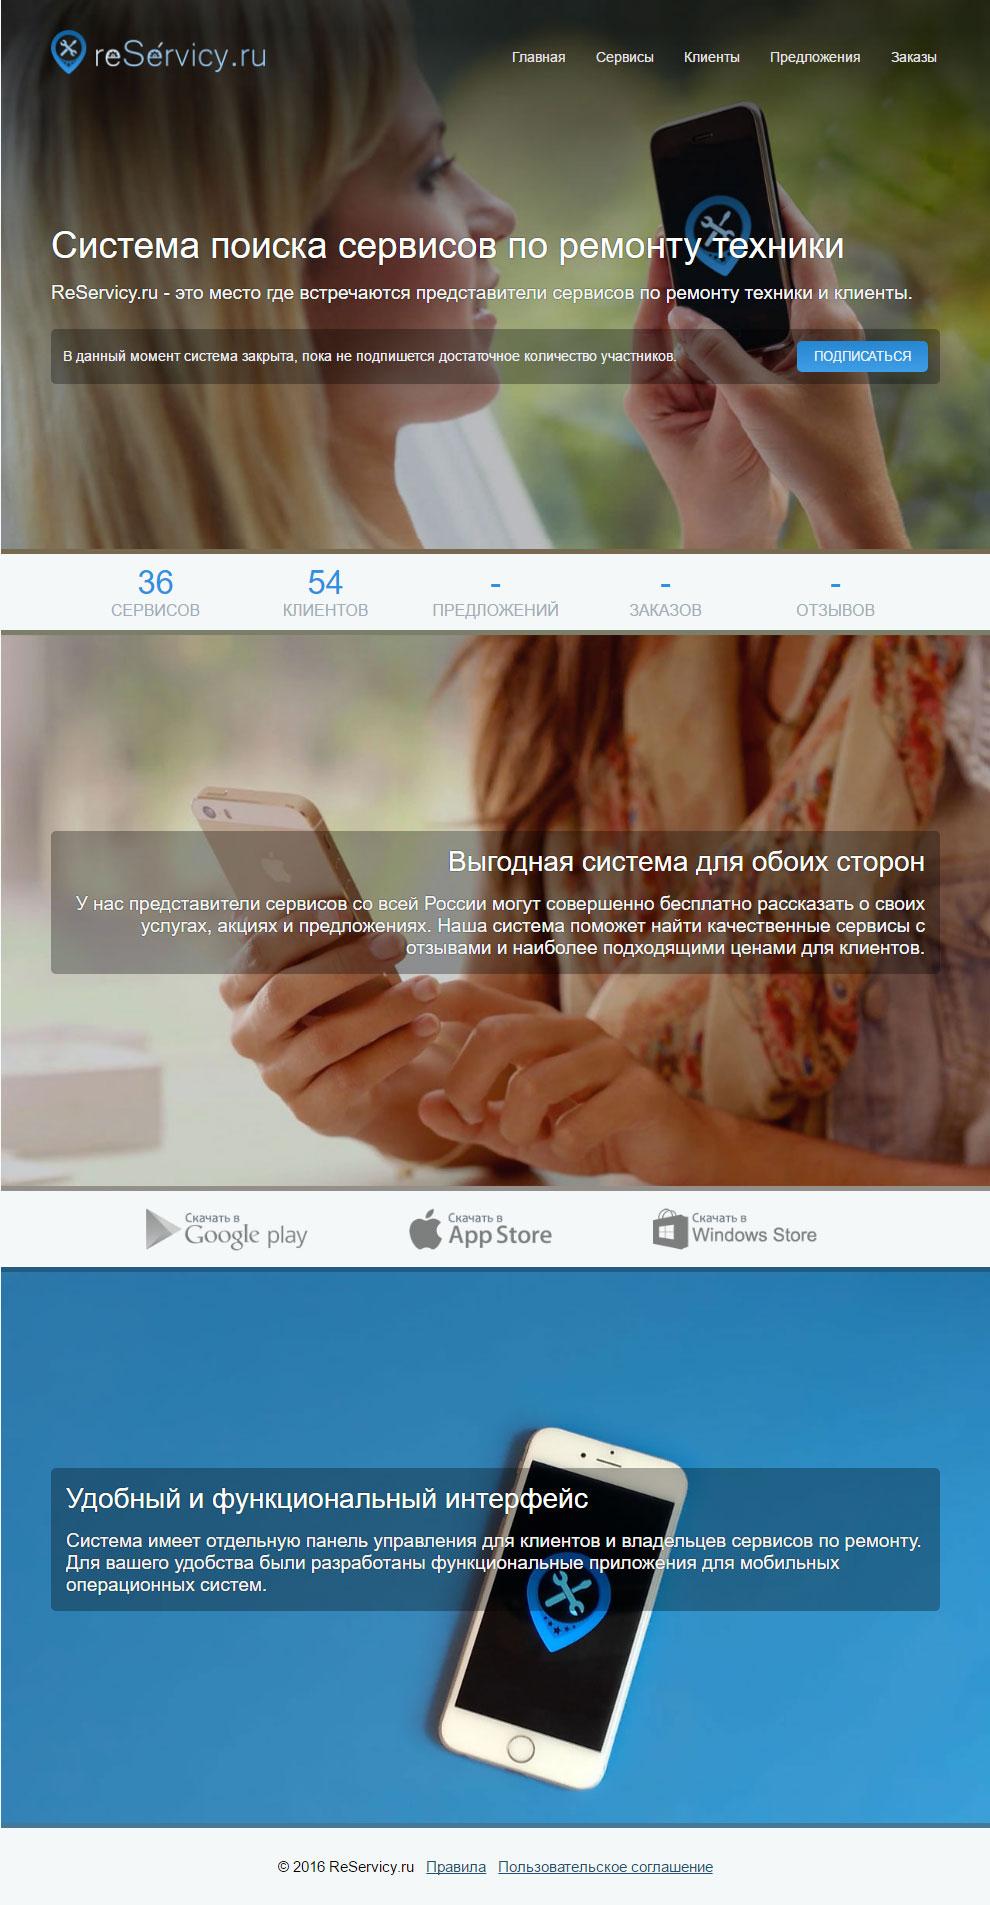 Дизайн reServicy (Макет и HTML+CSS верстка) купить